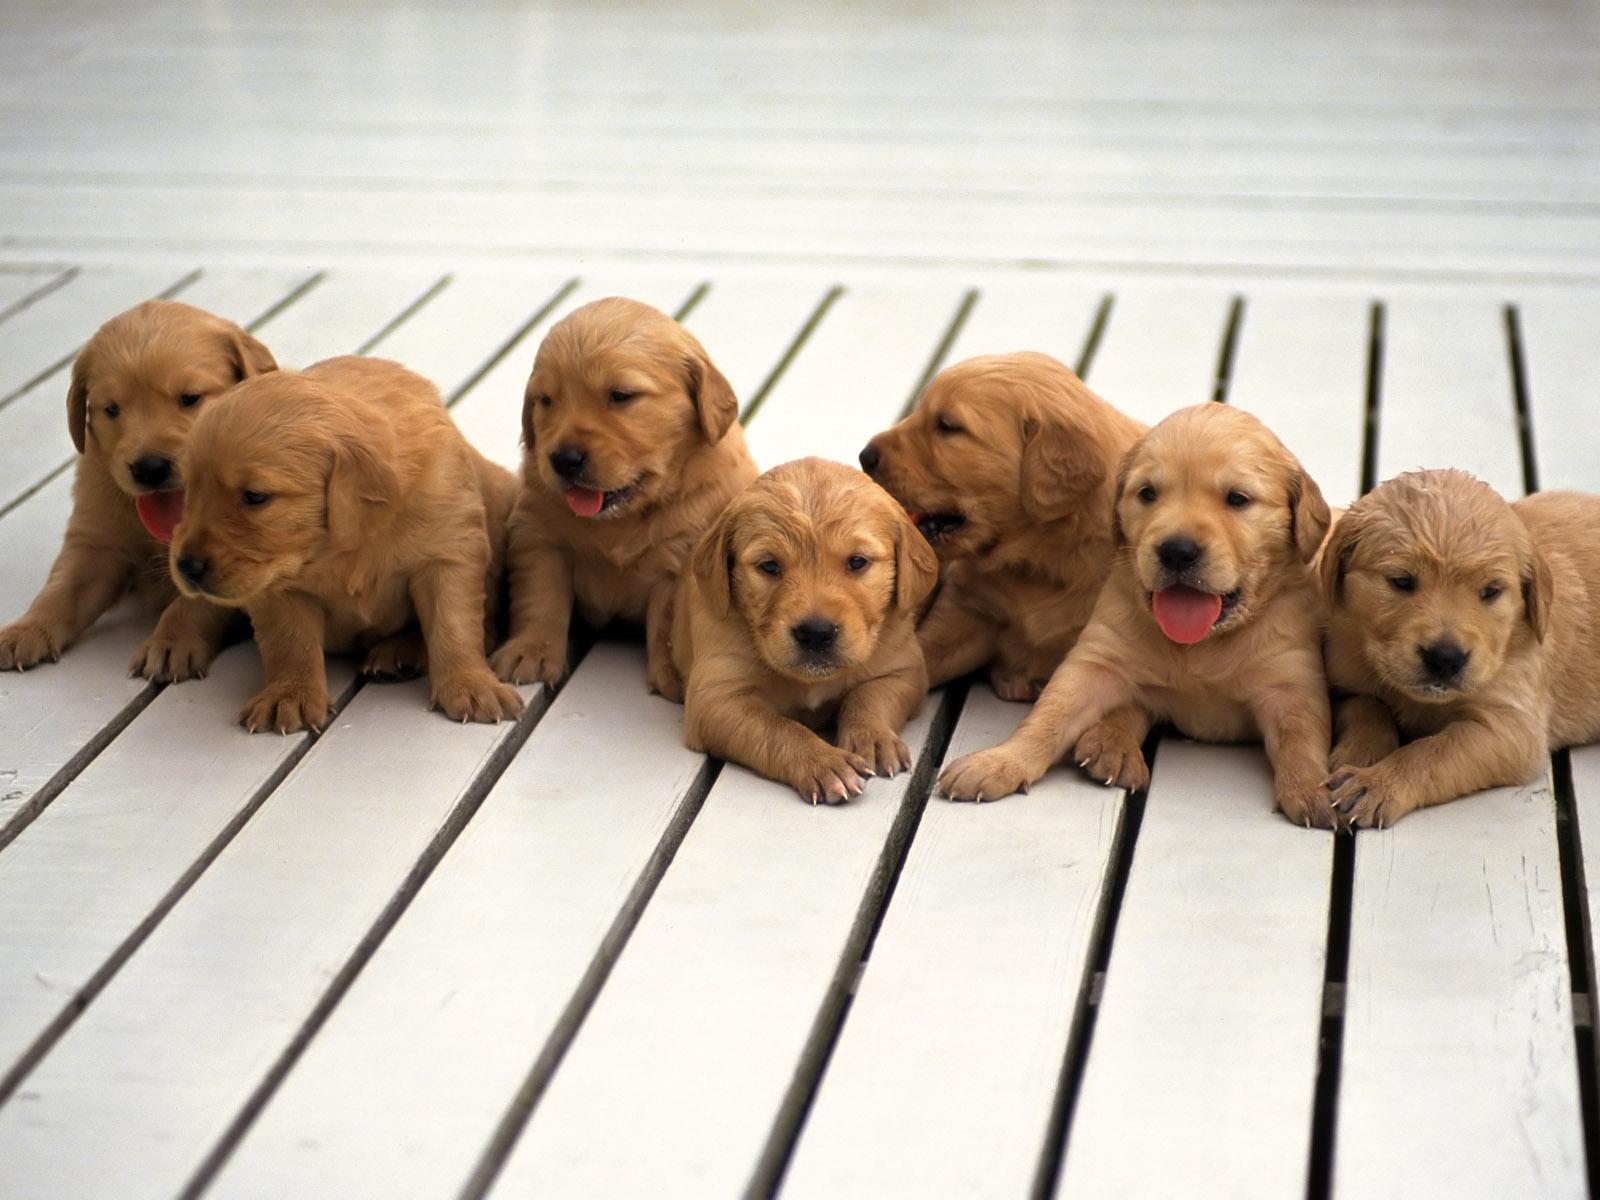 Paquete de 10 fotos de imagenes tiernas esta vez de peque±os y tiernos perros cachorros bastante ternura tienen estos perritos la verdad que son unas